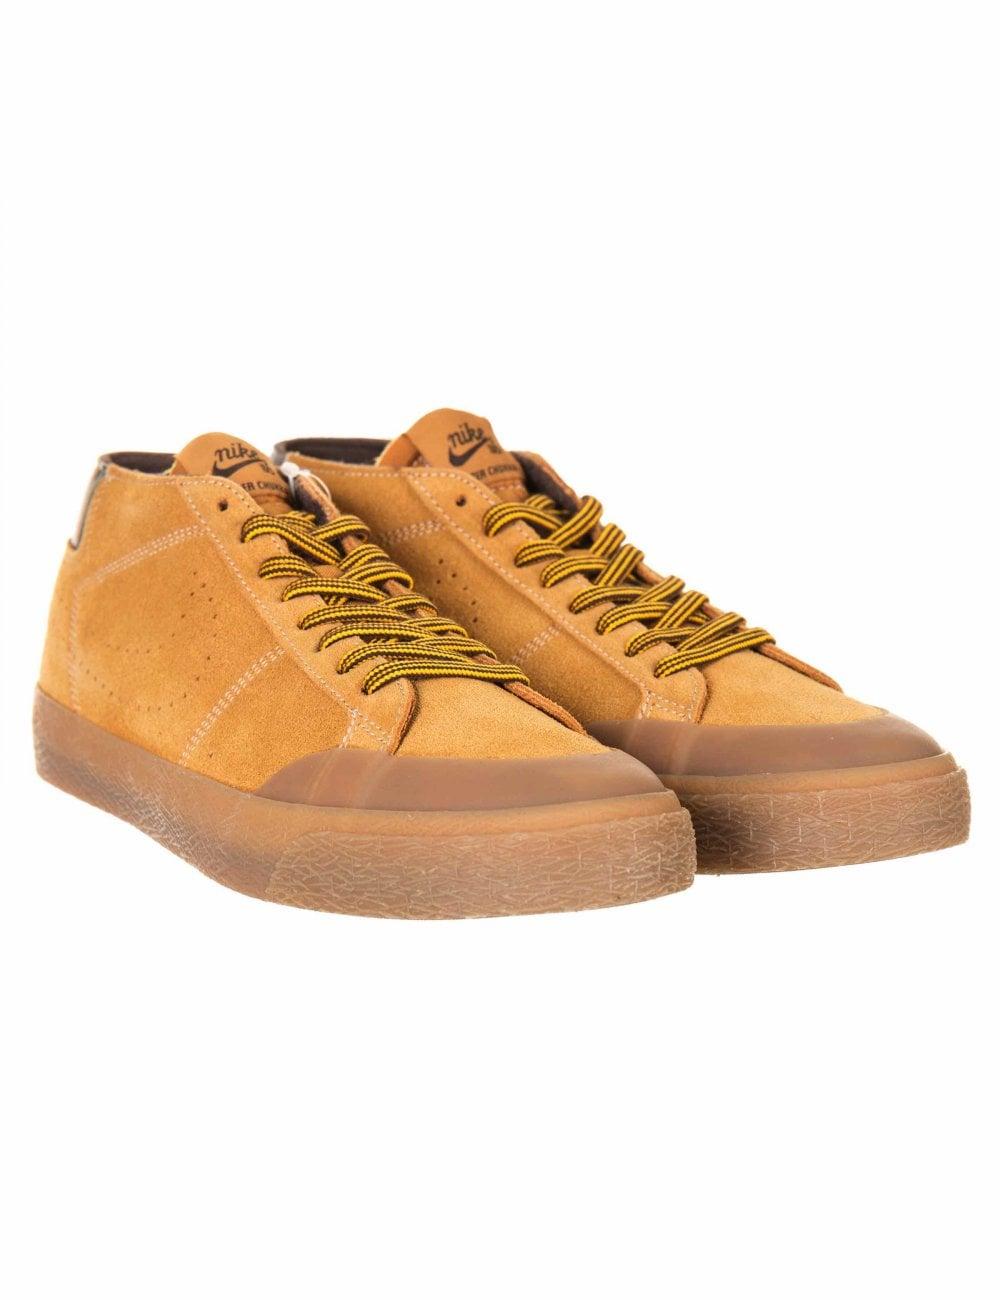 buy online df03b 89a23 Zoom Blazer Chukka XT Premium Trainers - Bronze